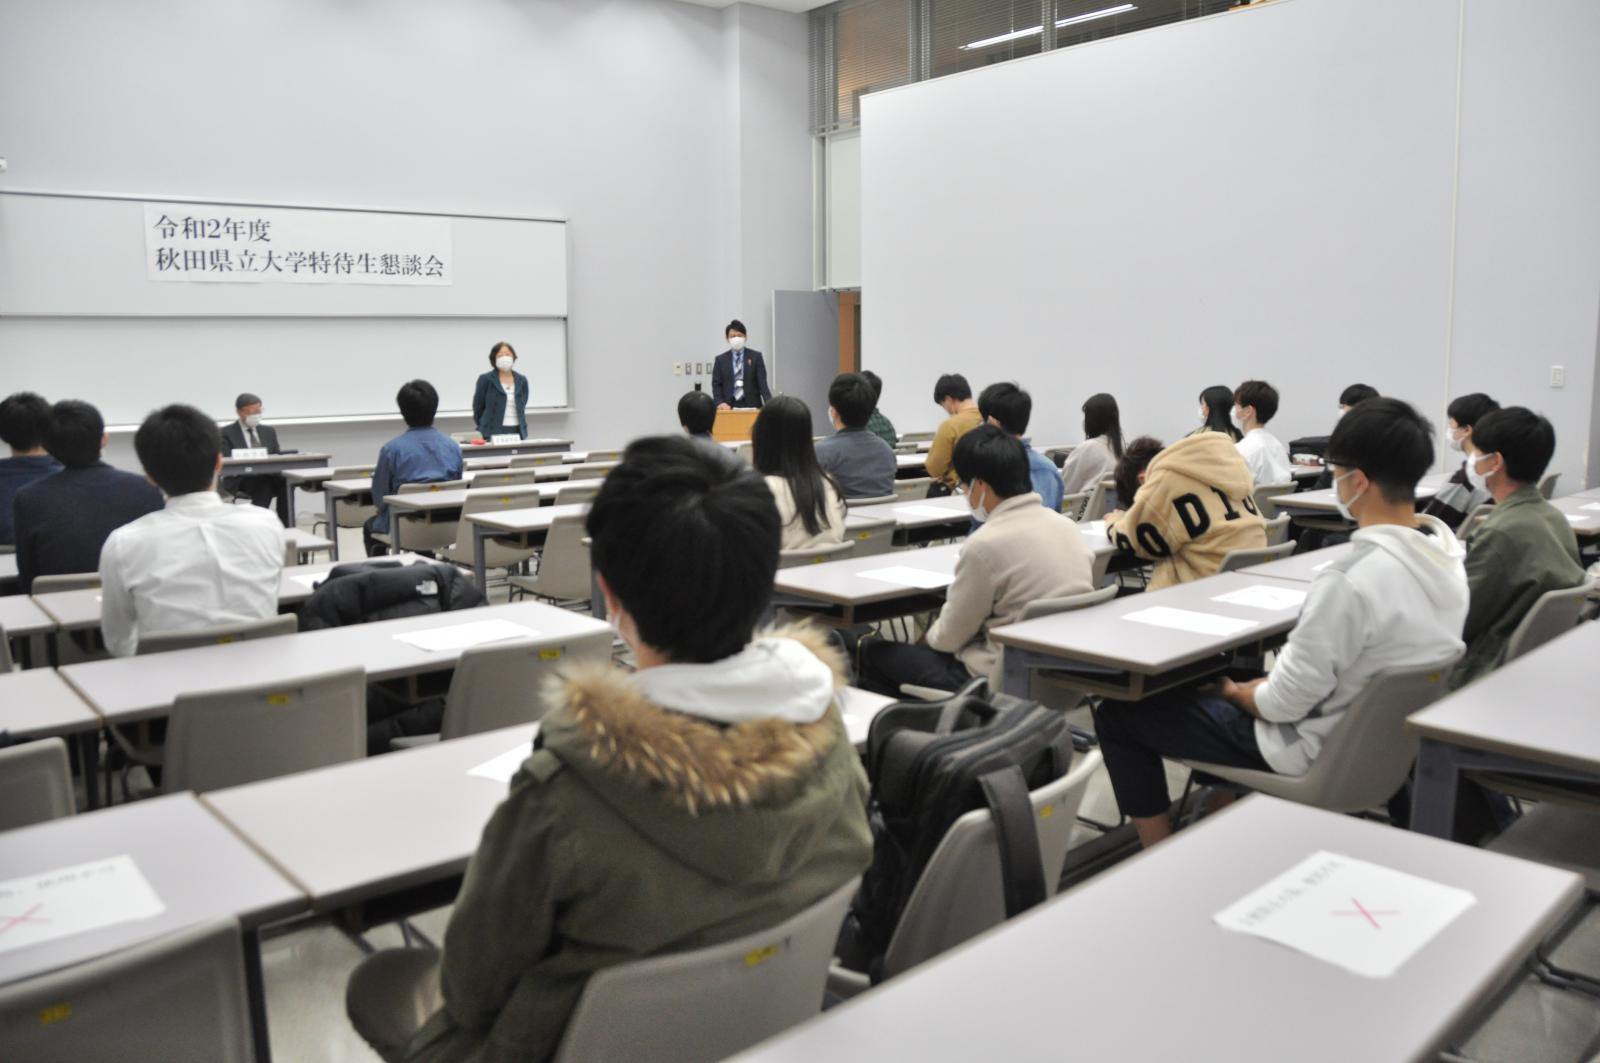 東北 工業 大学 webclass